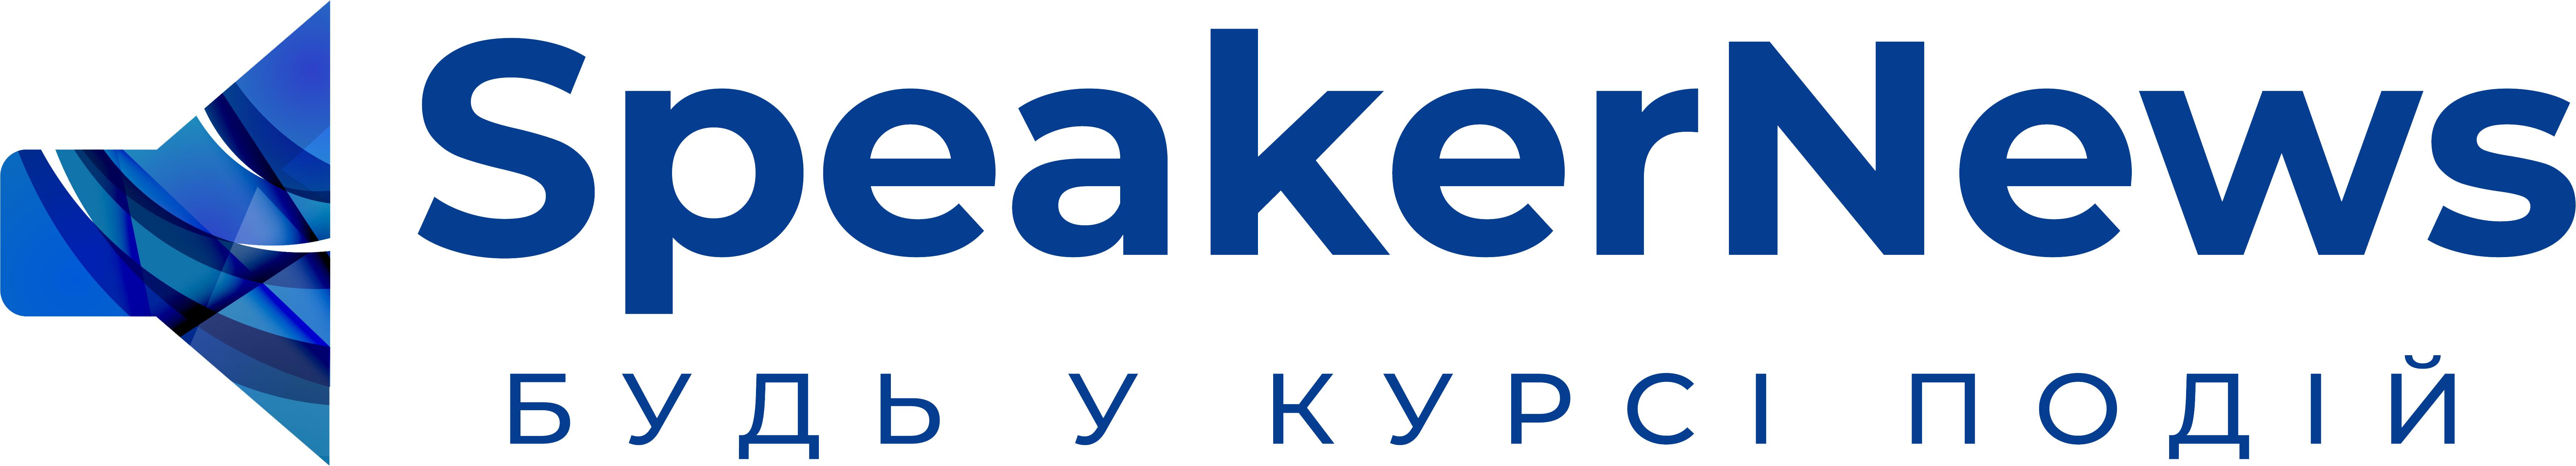 Новини України і світу, актуальні події дня - SpeakerNews